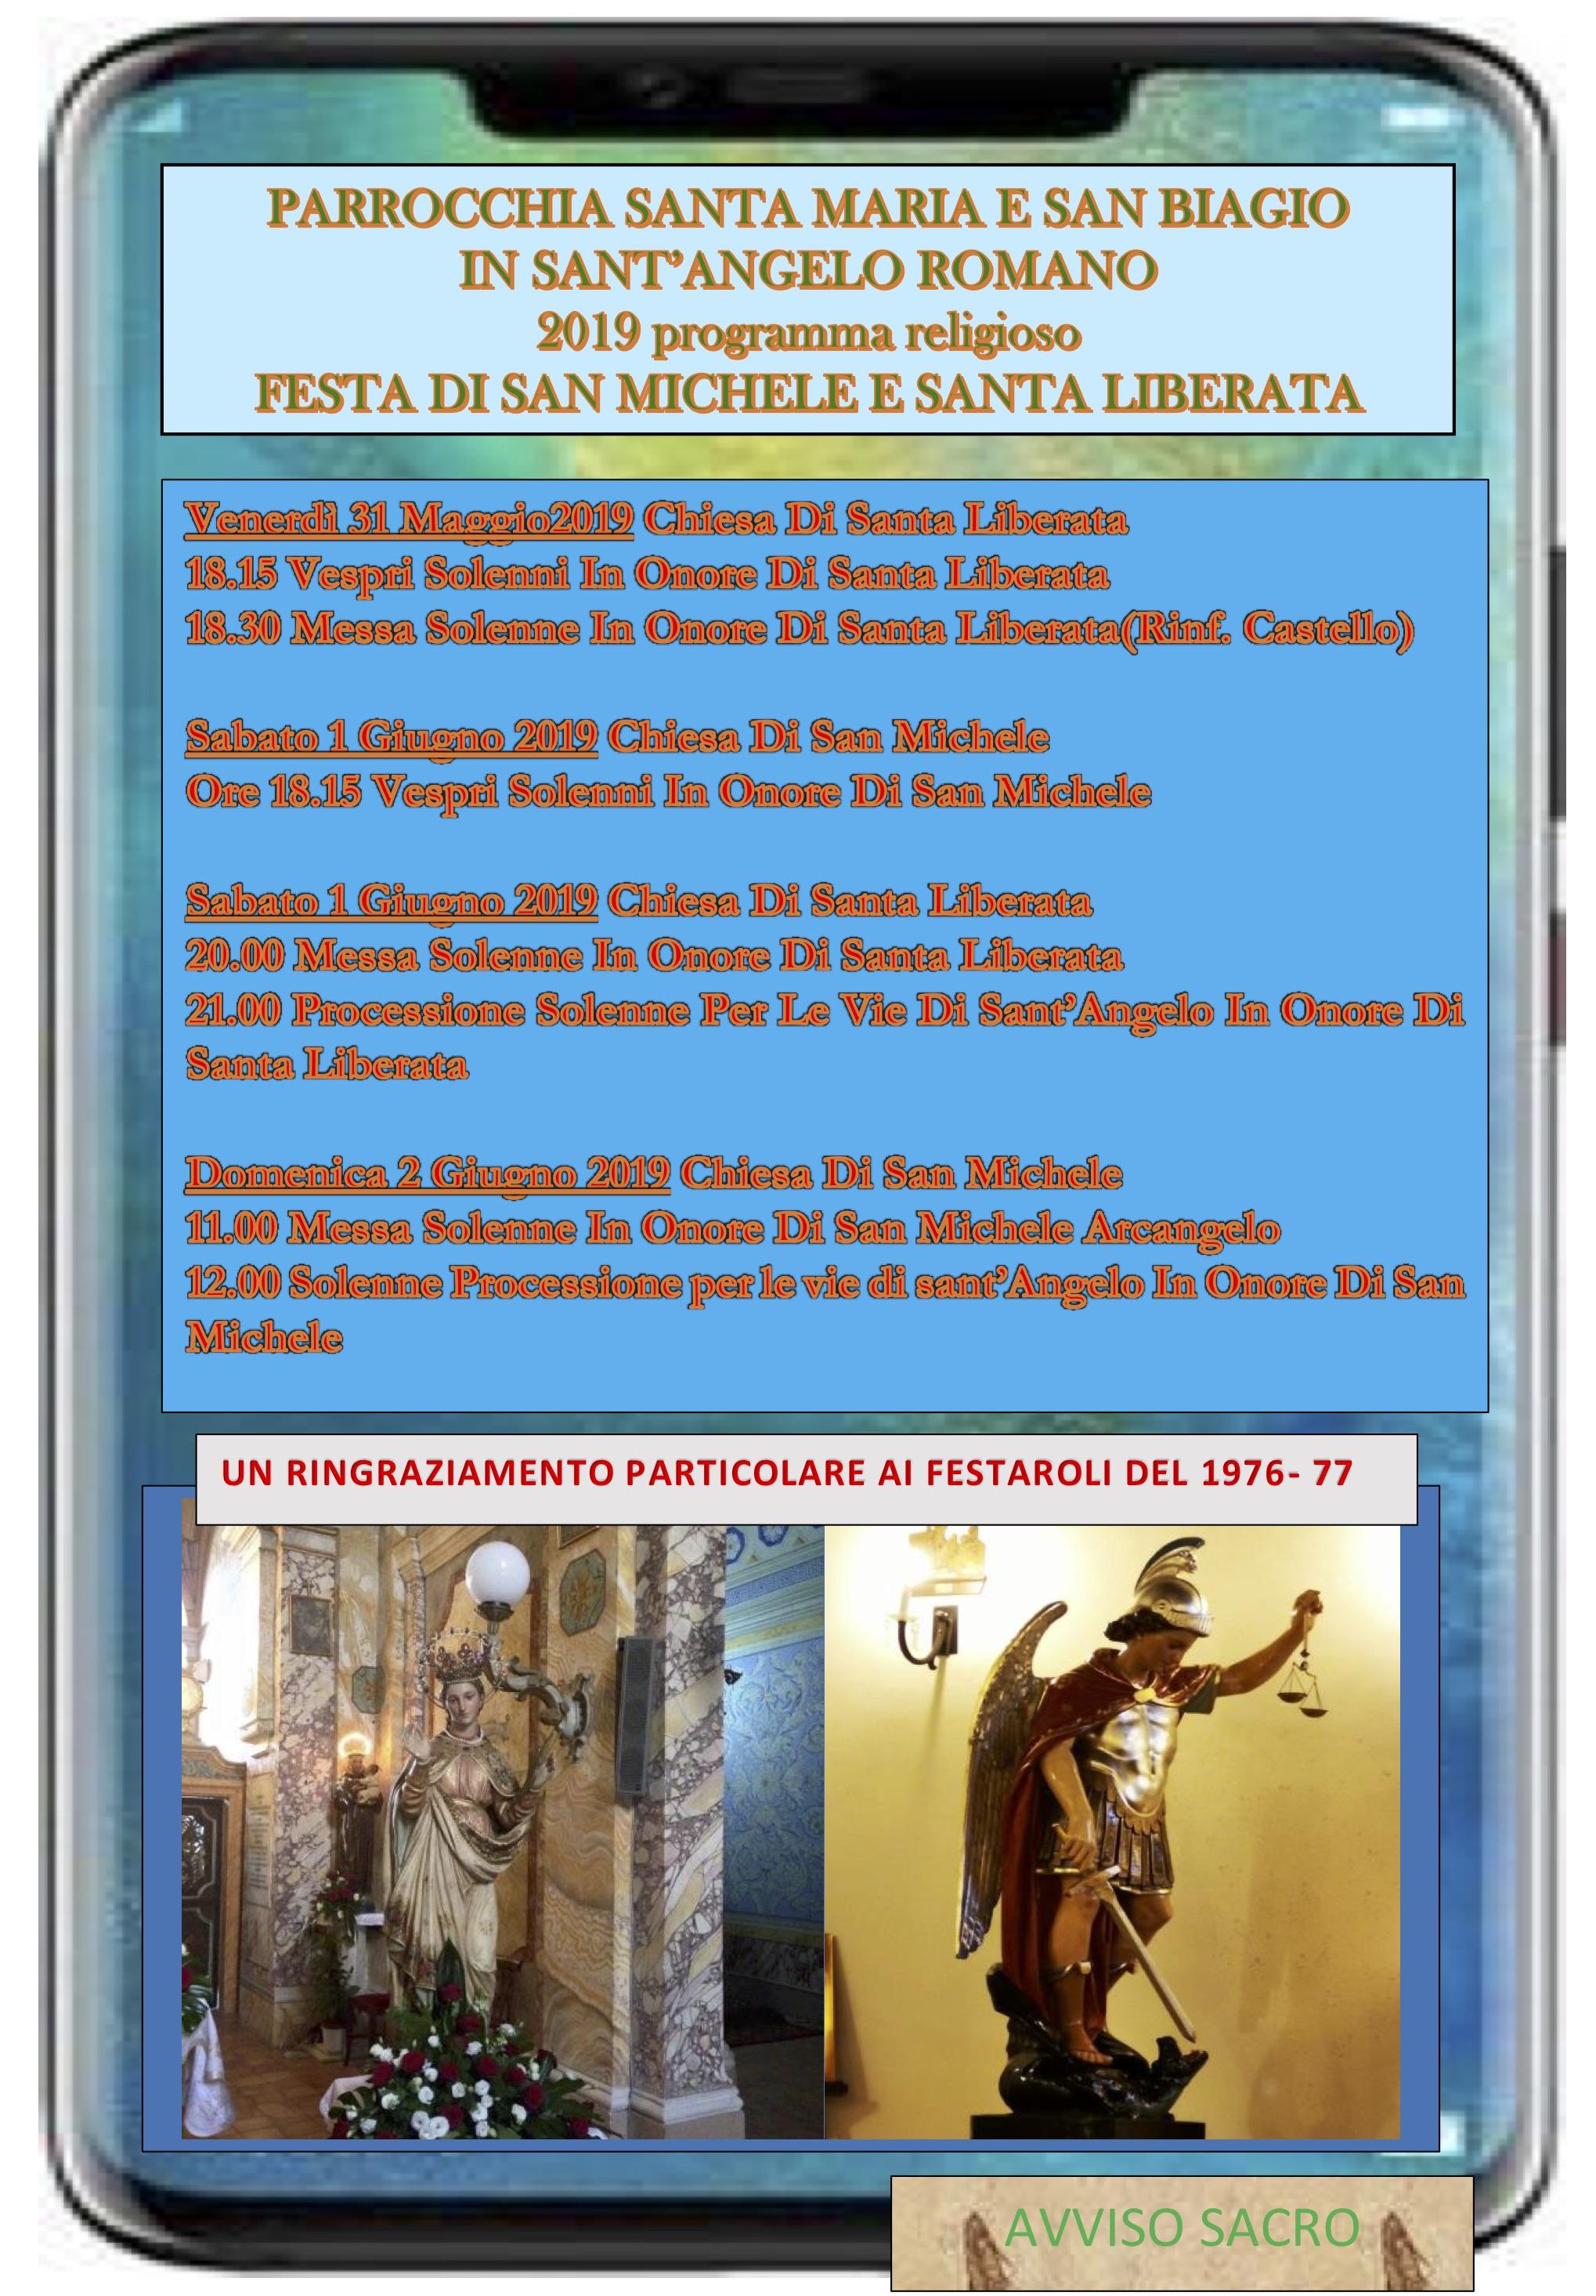 San Michele Data Calendario.Festa Di S Liberata E S Michele Parrocchia Santa Maria E